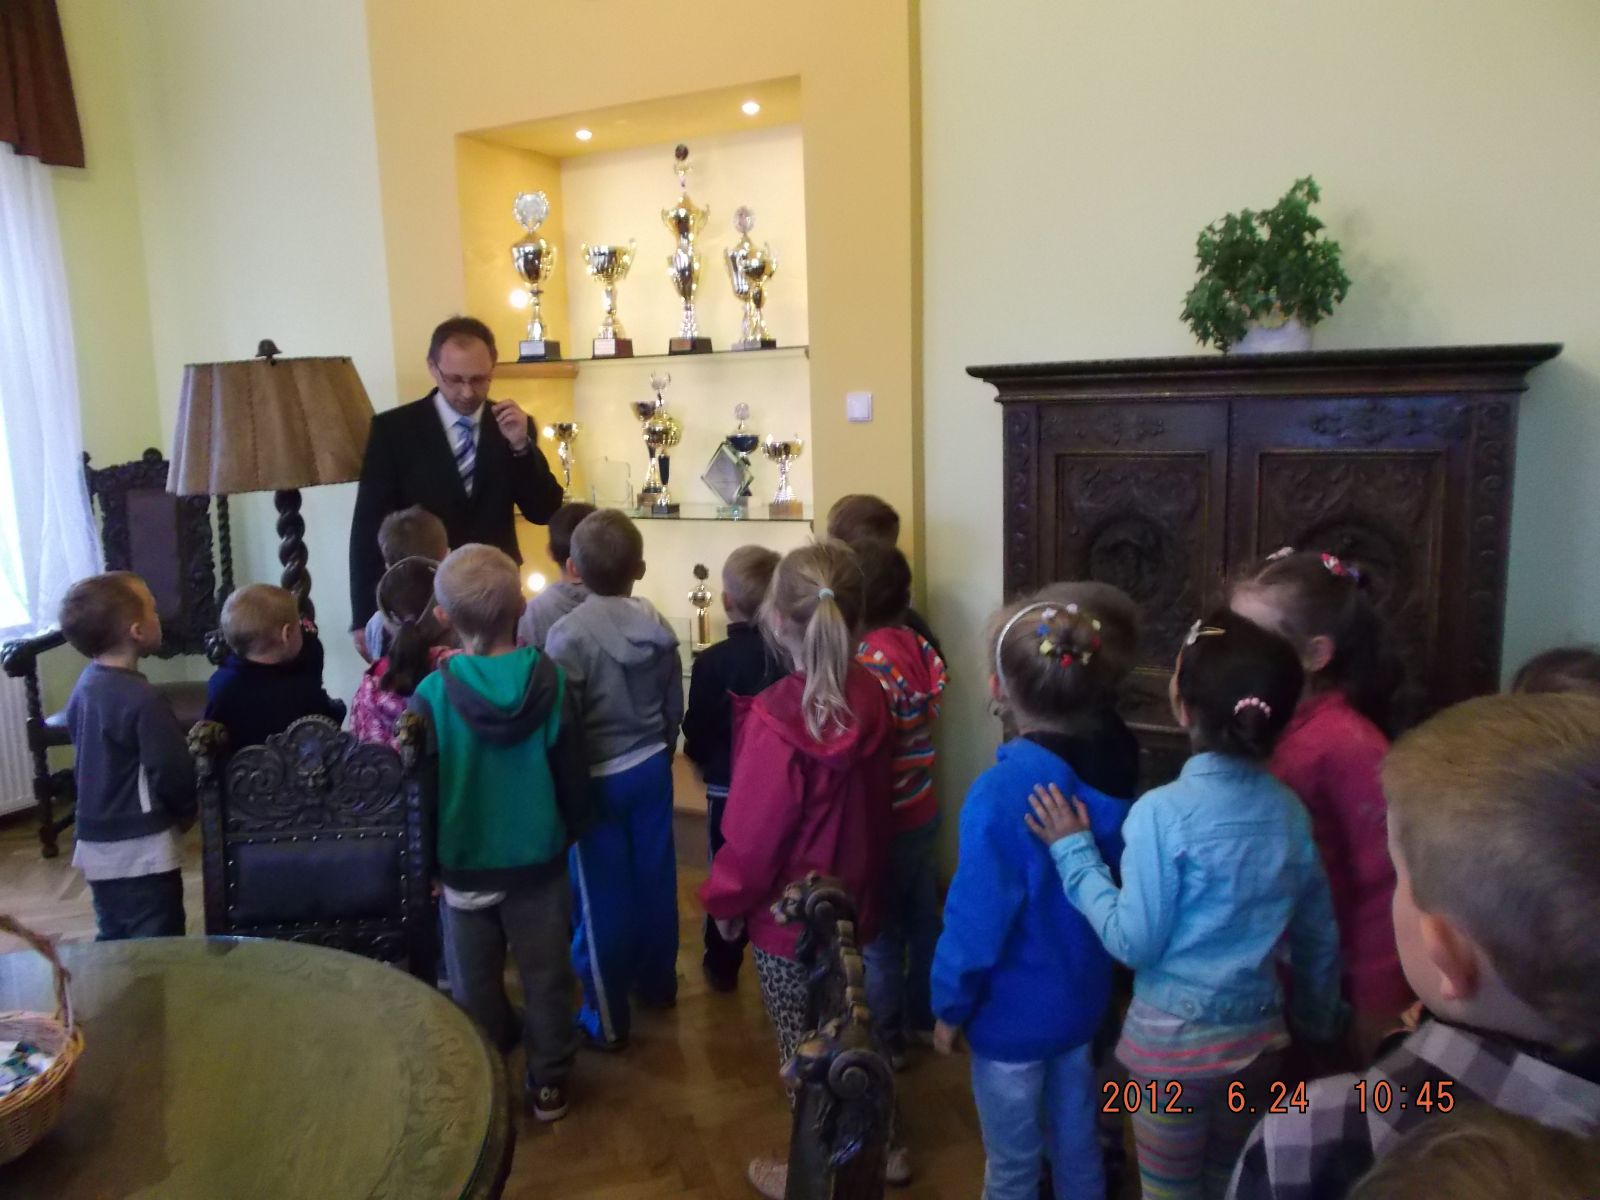 Przedszkolaki z wizytą w Urzędzie:)